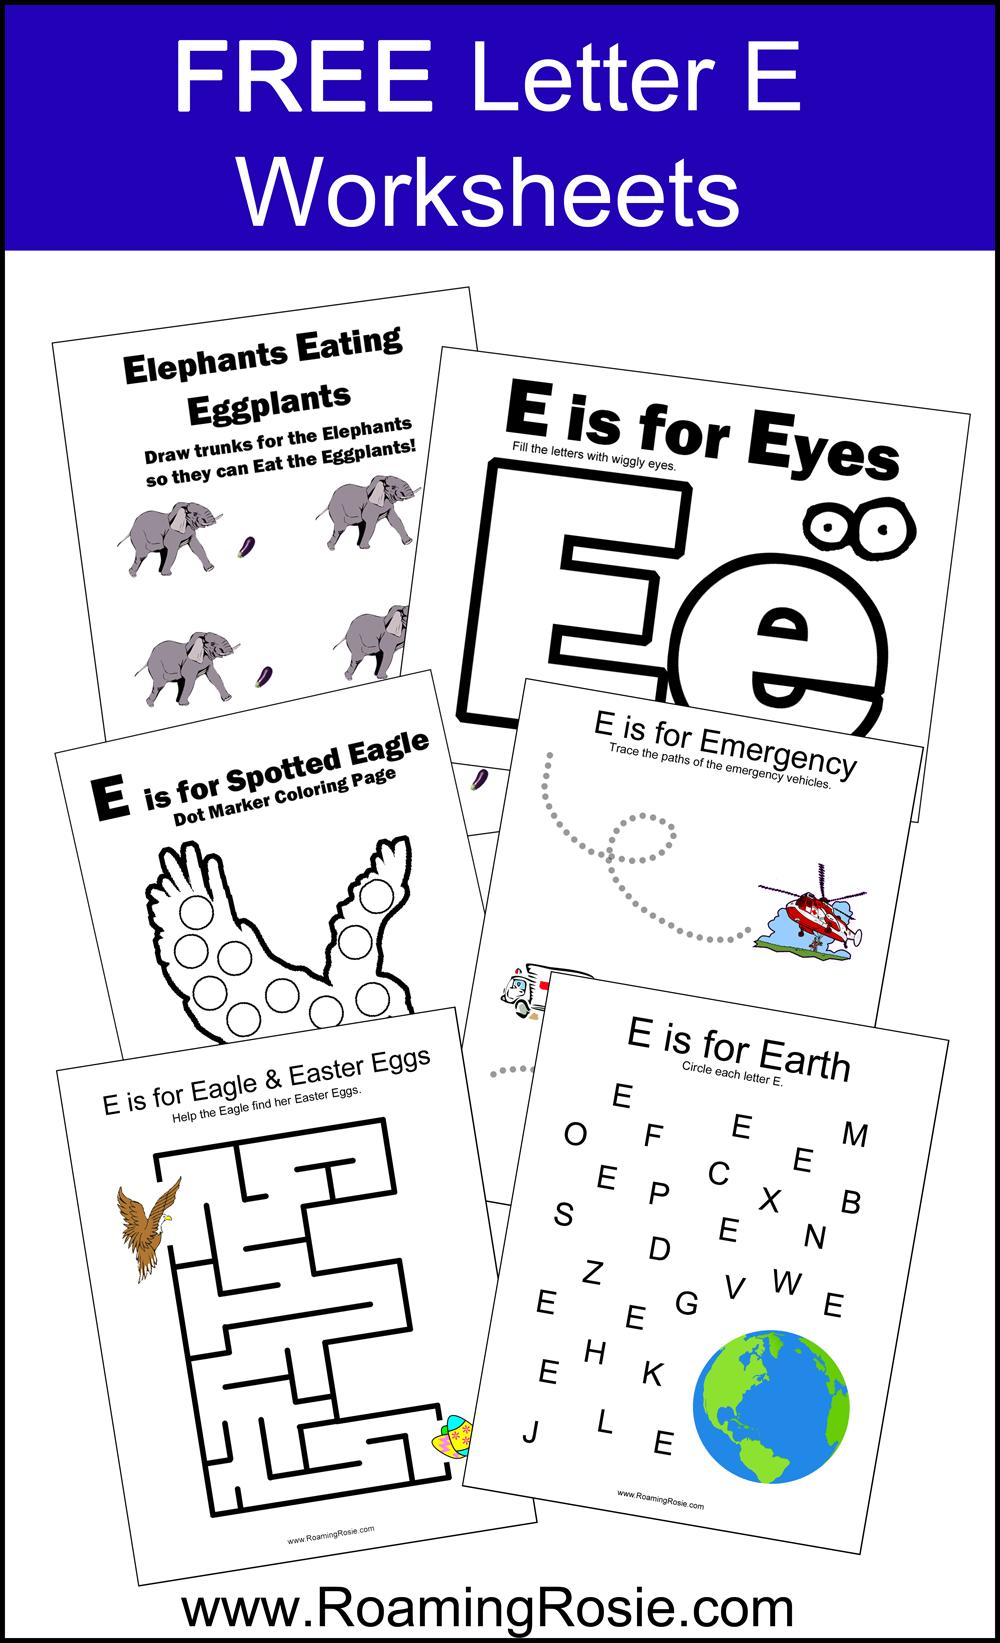 Letter E Free Alphabet Worksheets for Kids Letter e